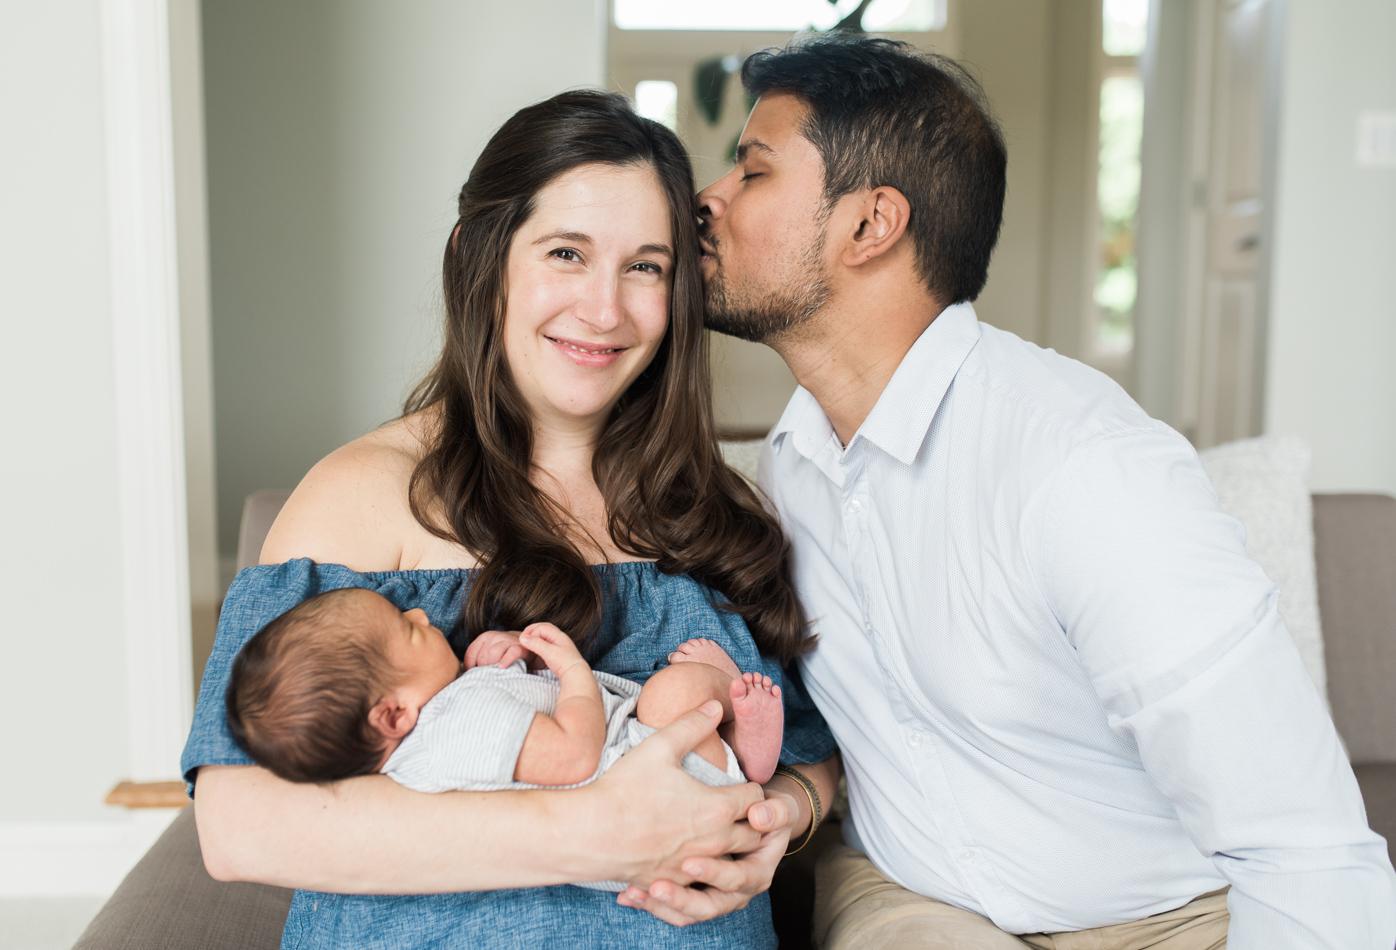 baltimore-harford county-maryland-newborn-lifestyle-family-photographer-photos by-breanna kuhlmann-3.jpg